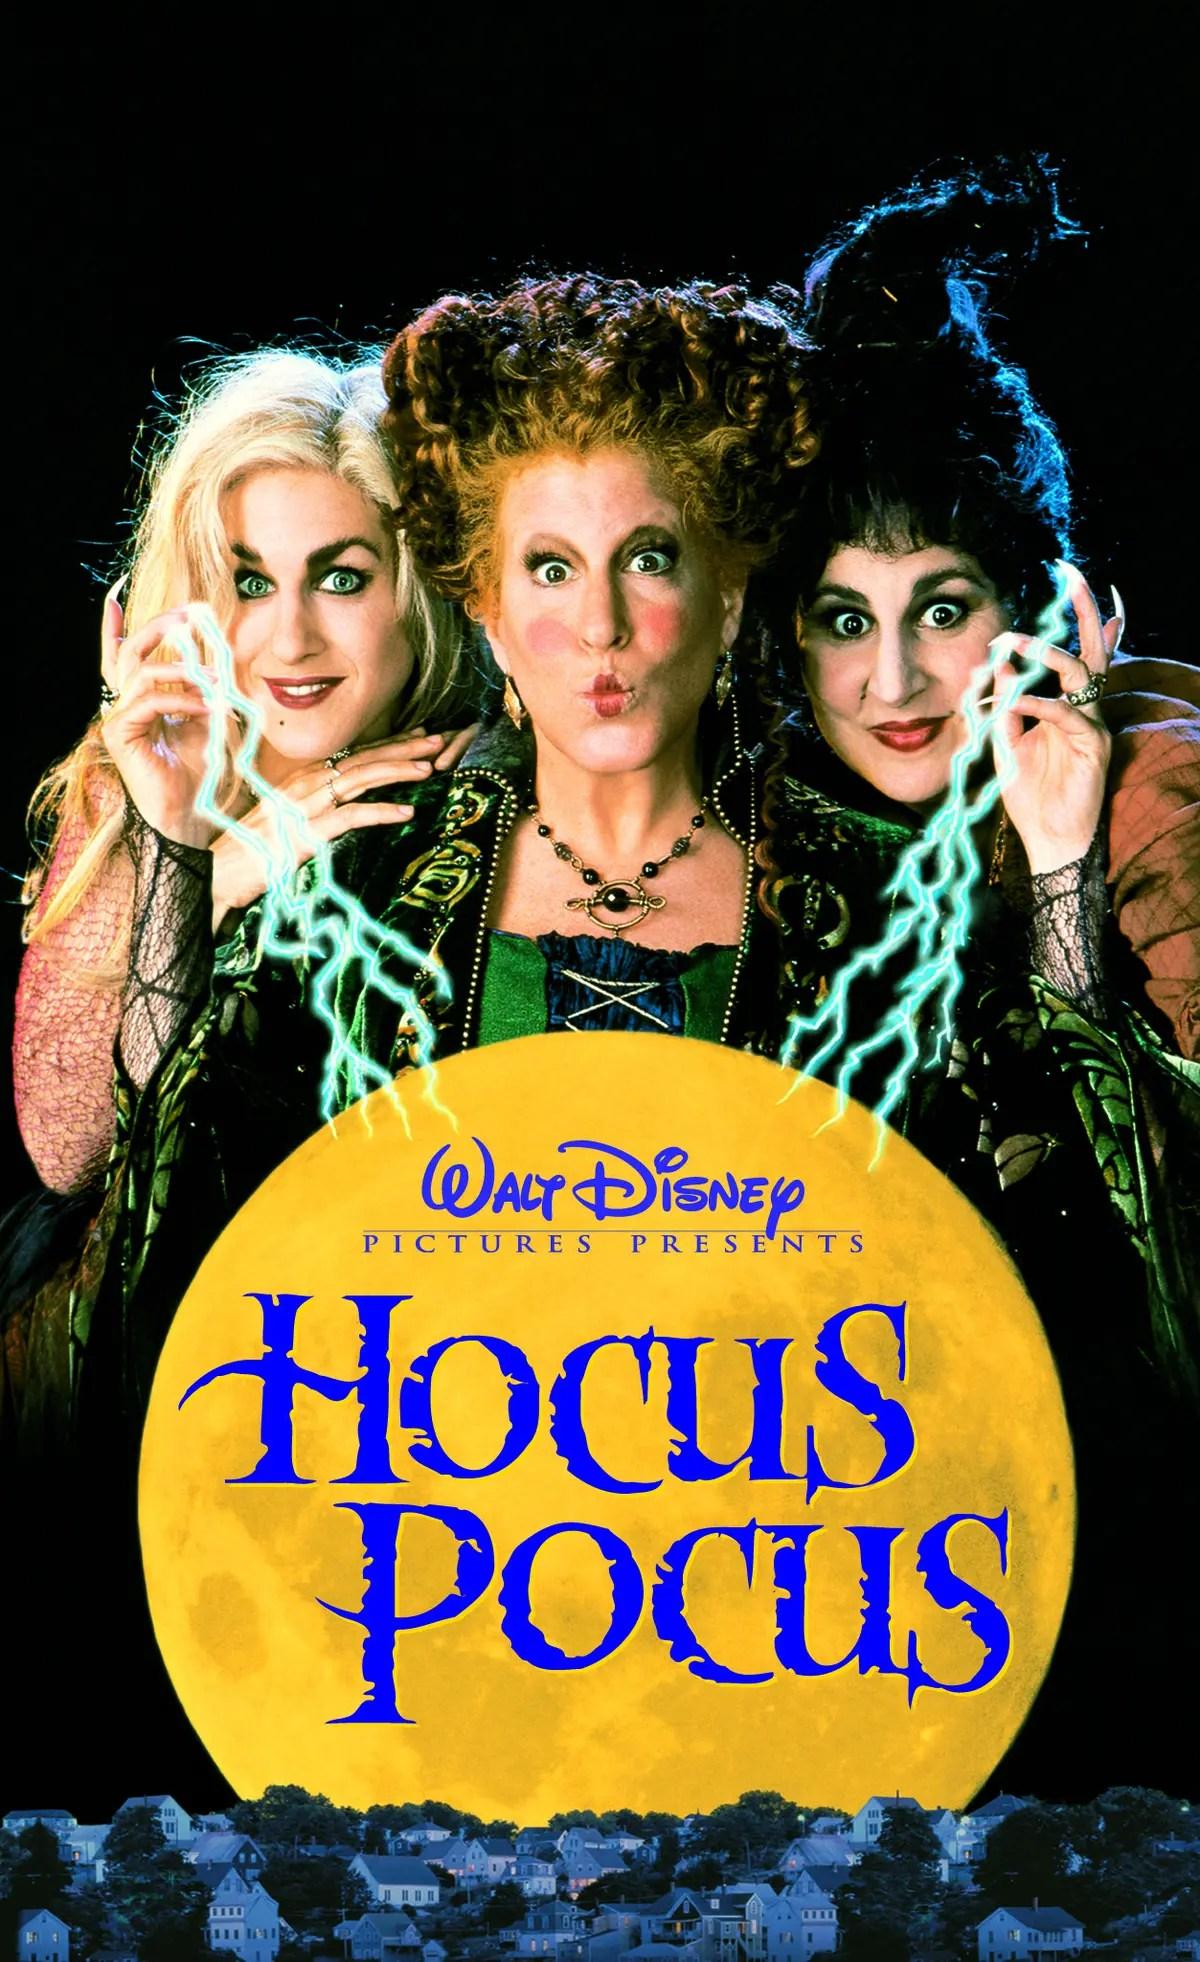 Hocus Pocus Movie Returning To California Theaters San